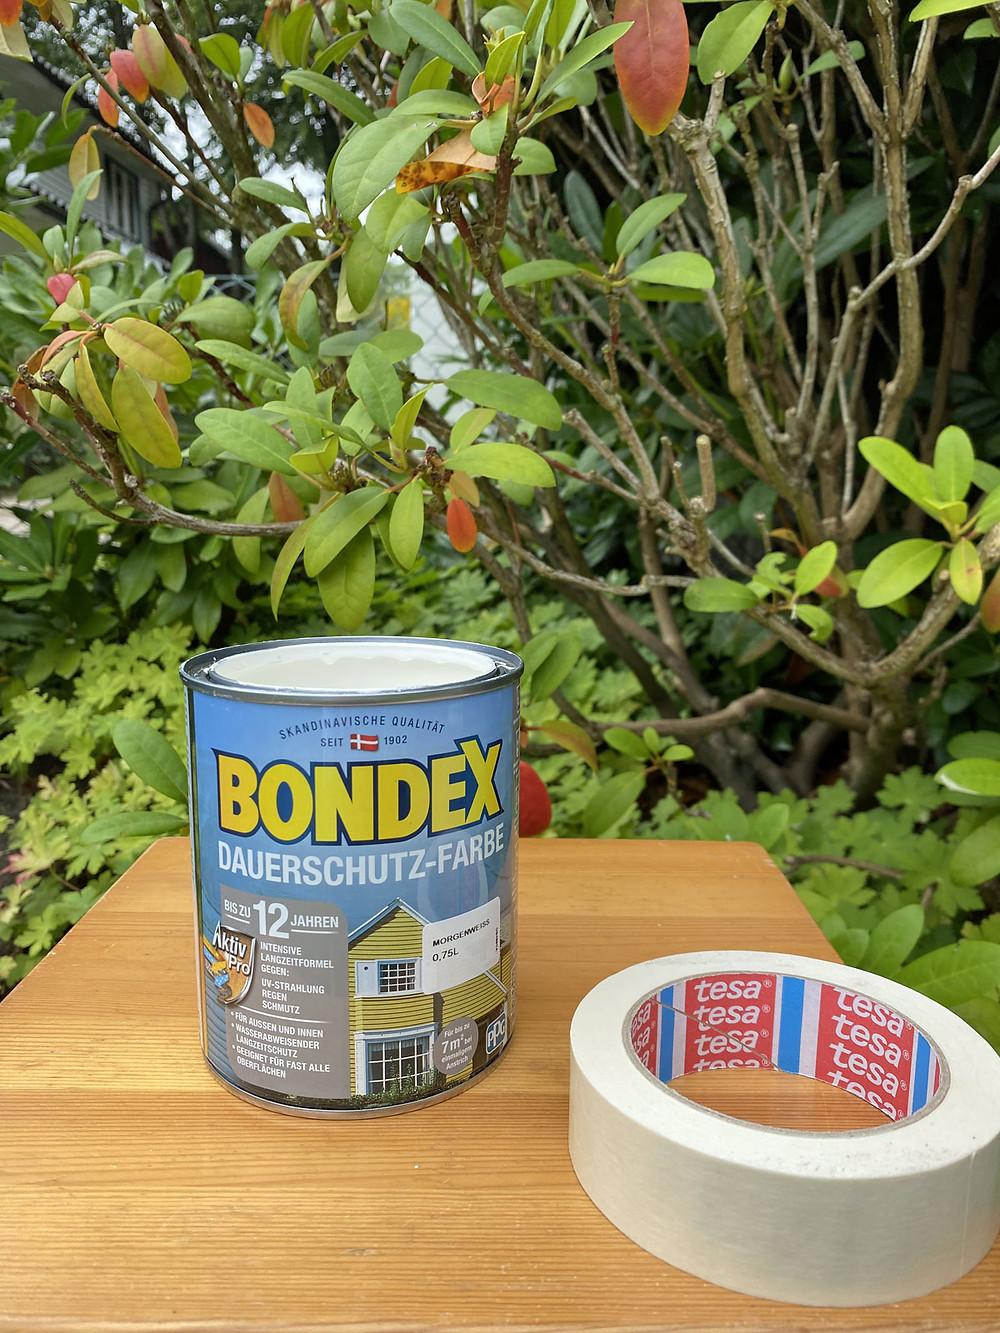 Bondex Dauerschutzfarbe